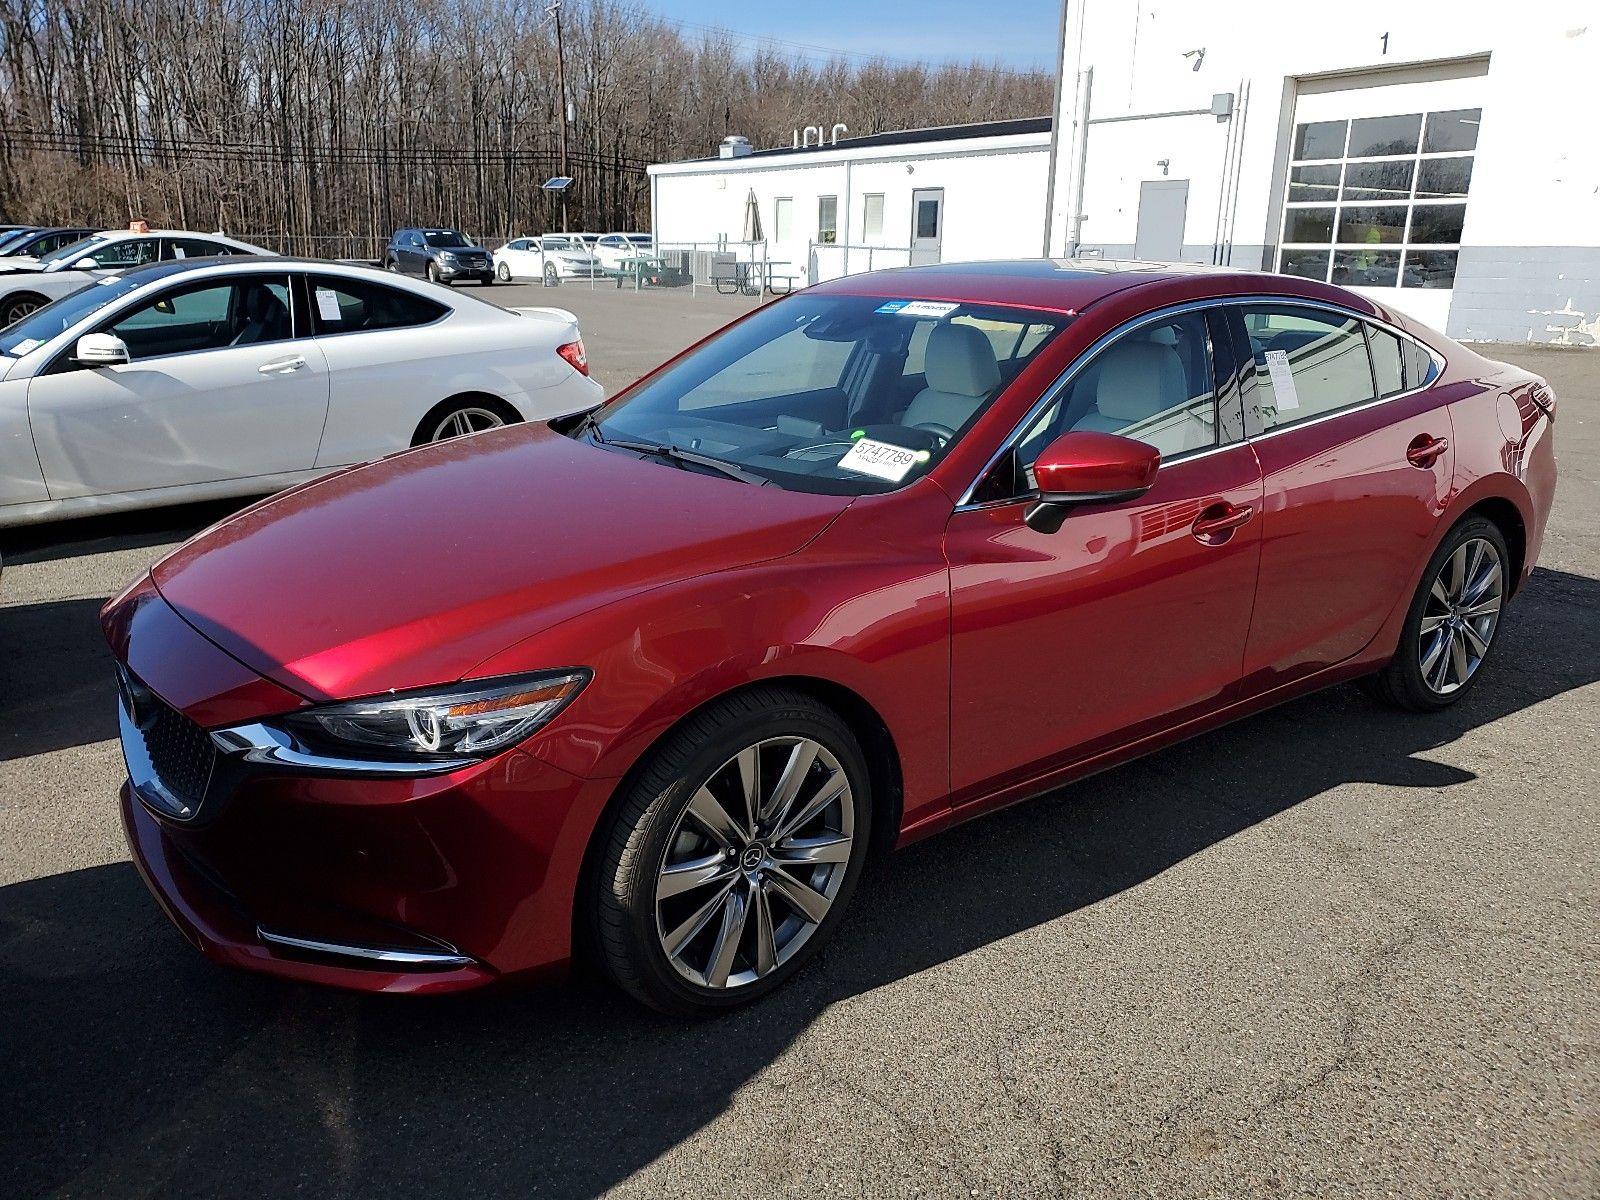 2019 Mazda6 2.5. Lot 99917343496 Vin JM1GL1XY9K1501344